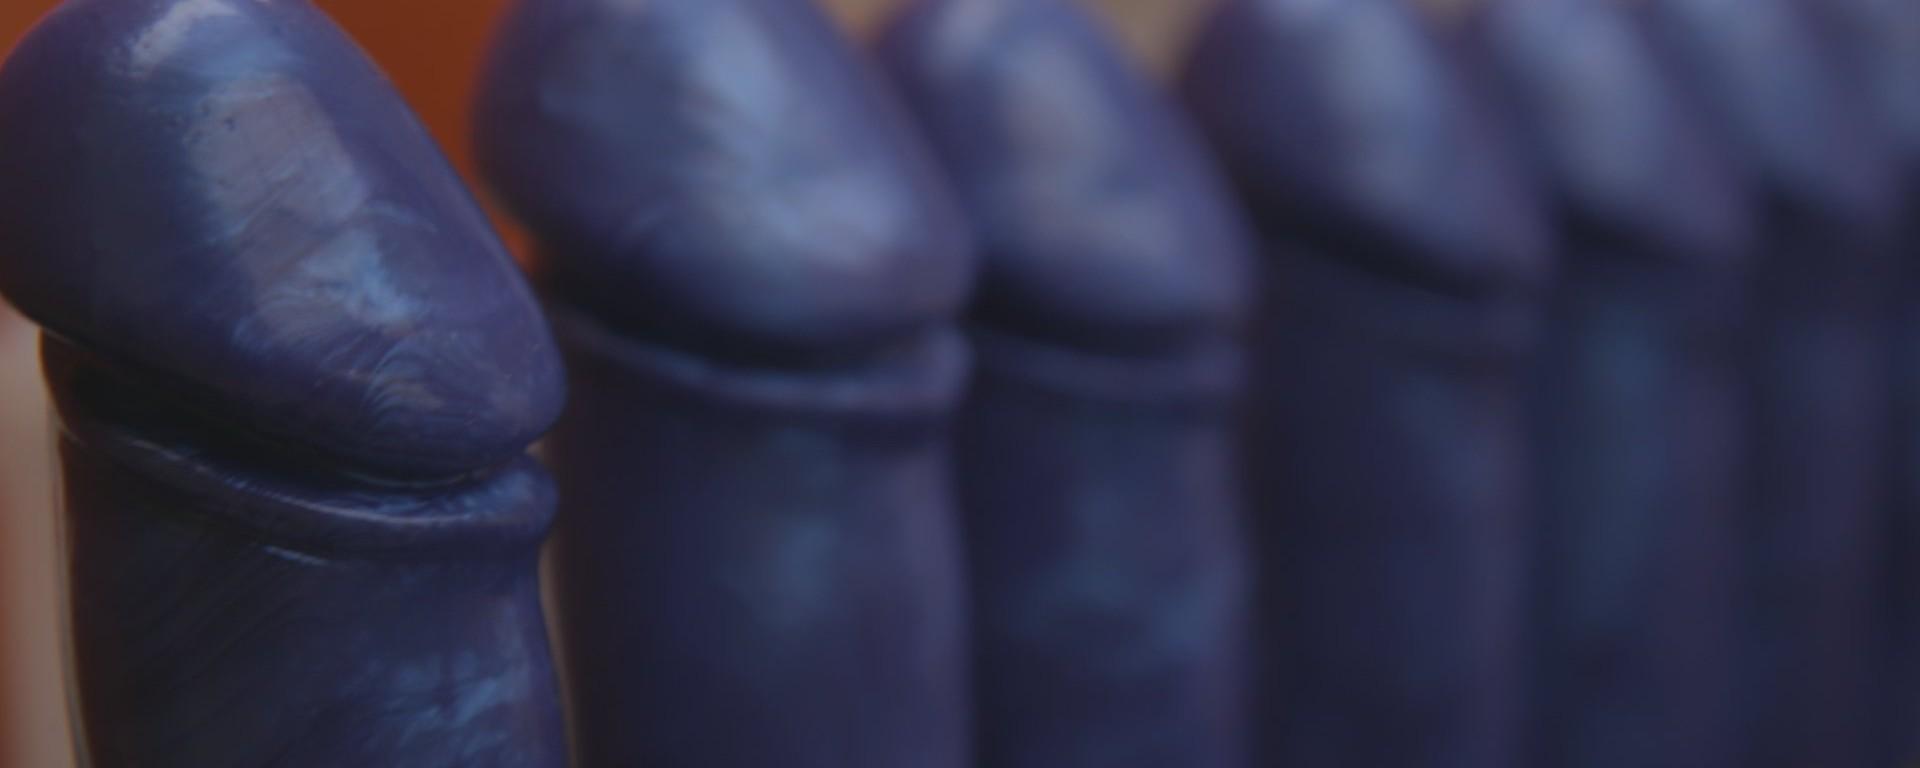 Capricii absurde: Penisul umflat si urechile de elf (Galerie foto)